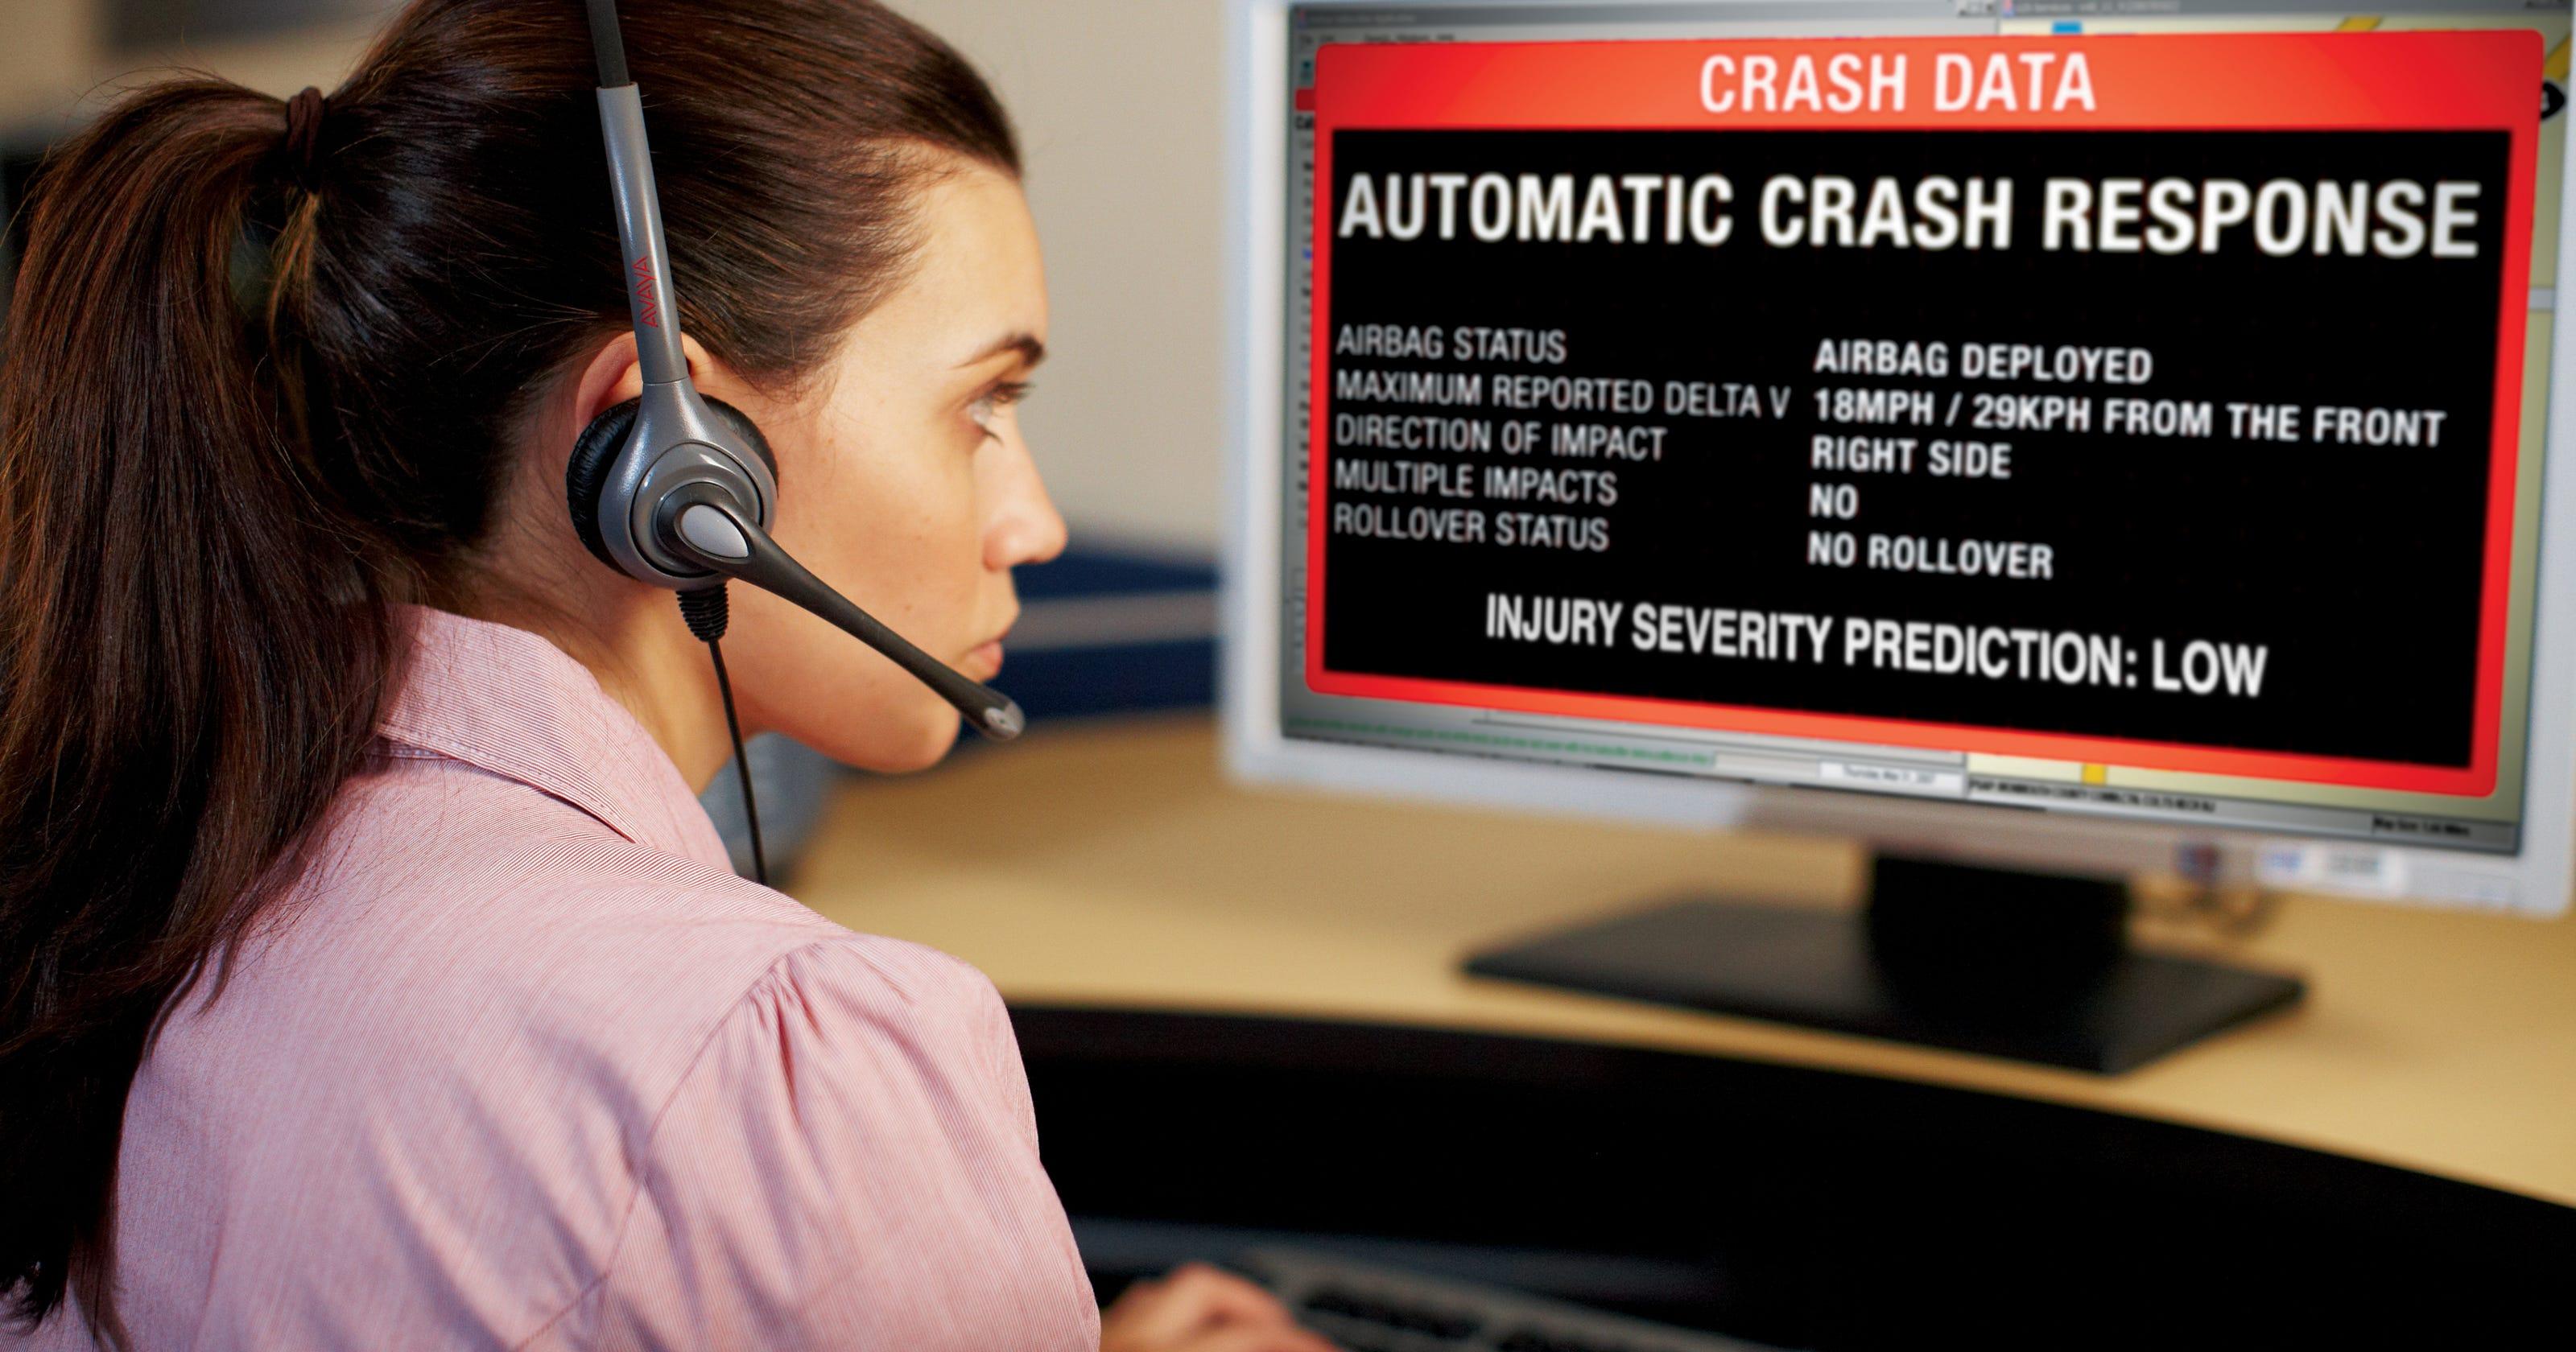 OnStar injury predictor may help treat crash victims